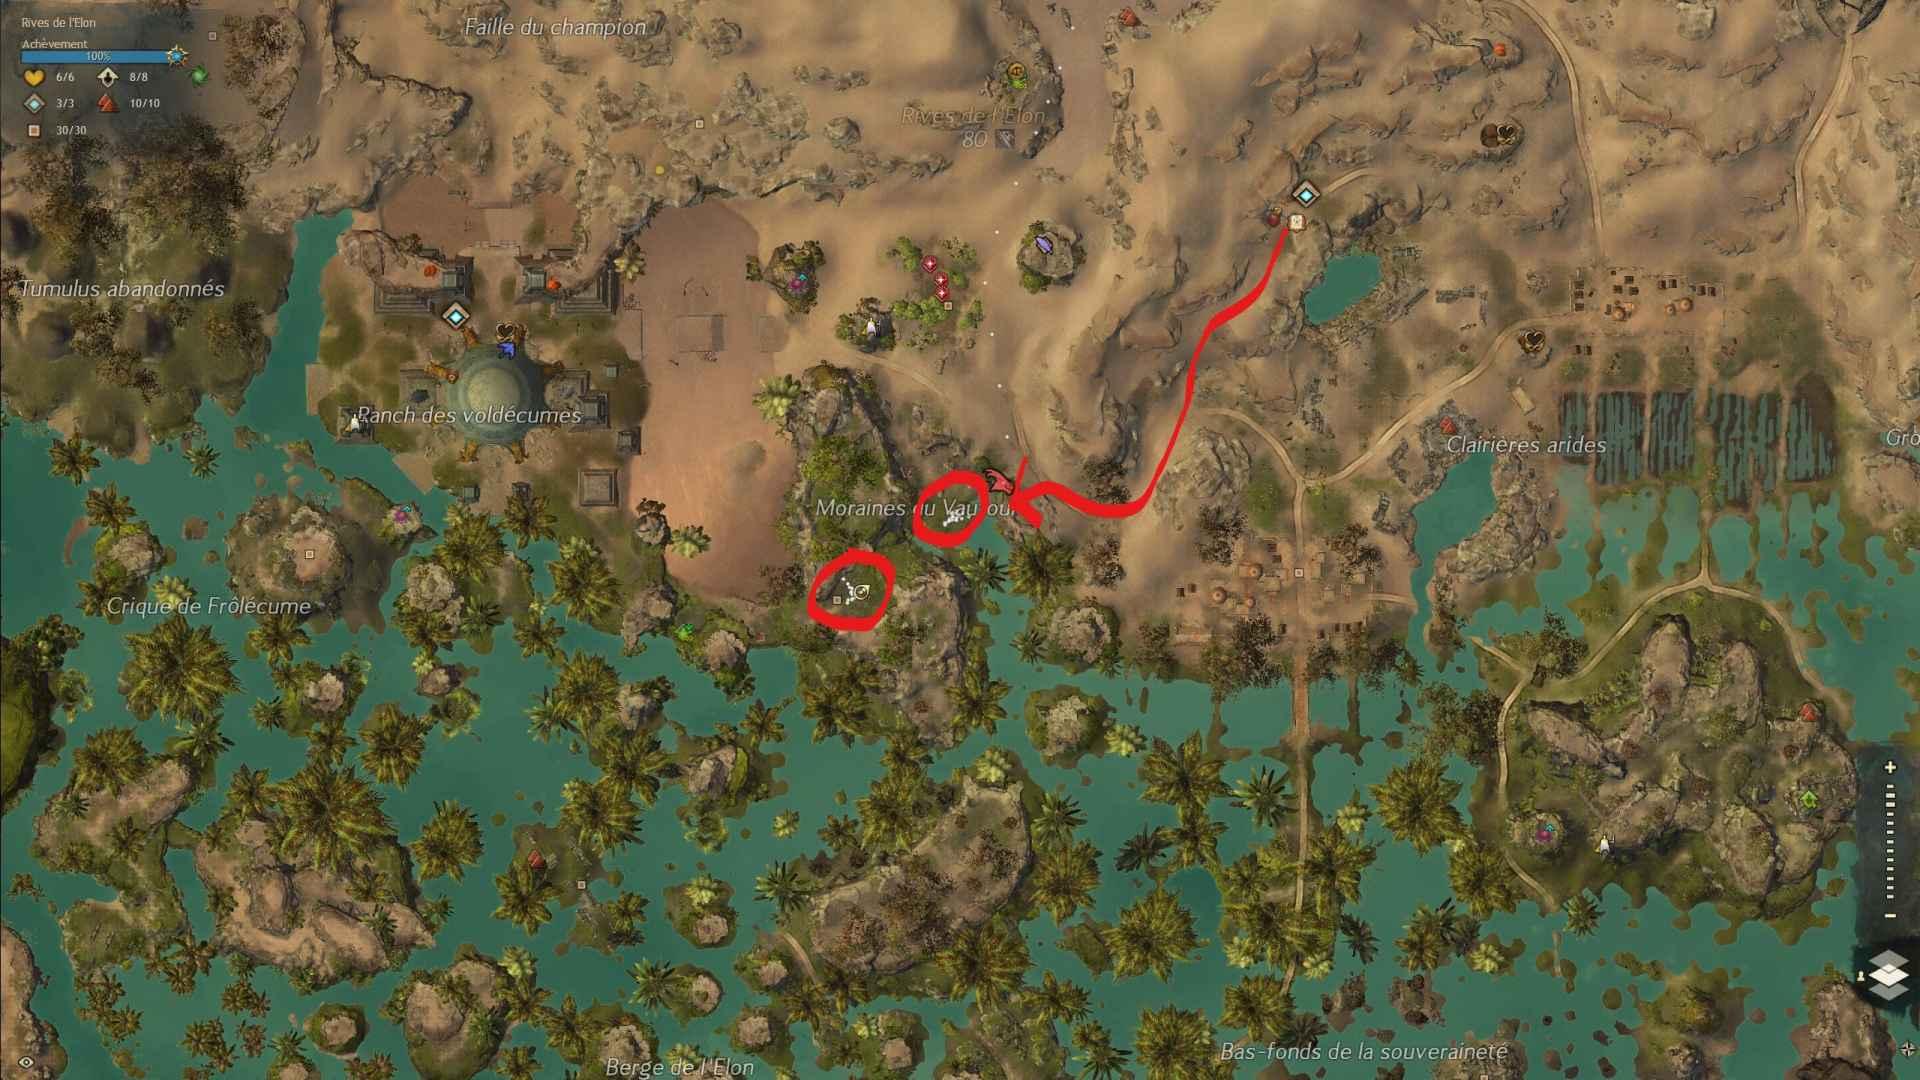 Moraine du vautour ouest est map compressed